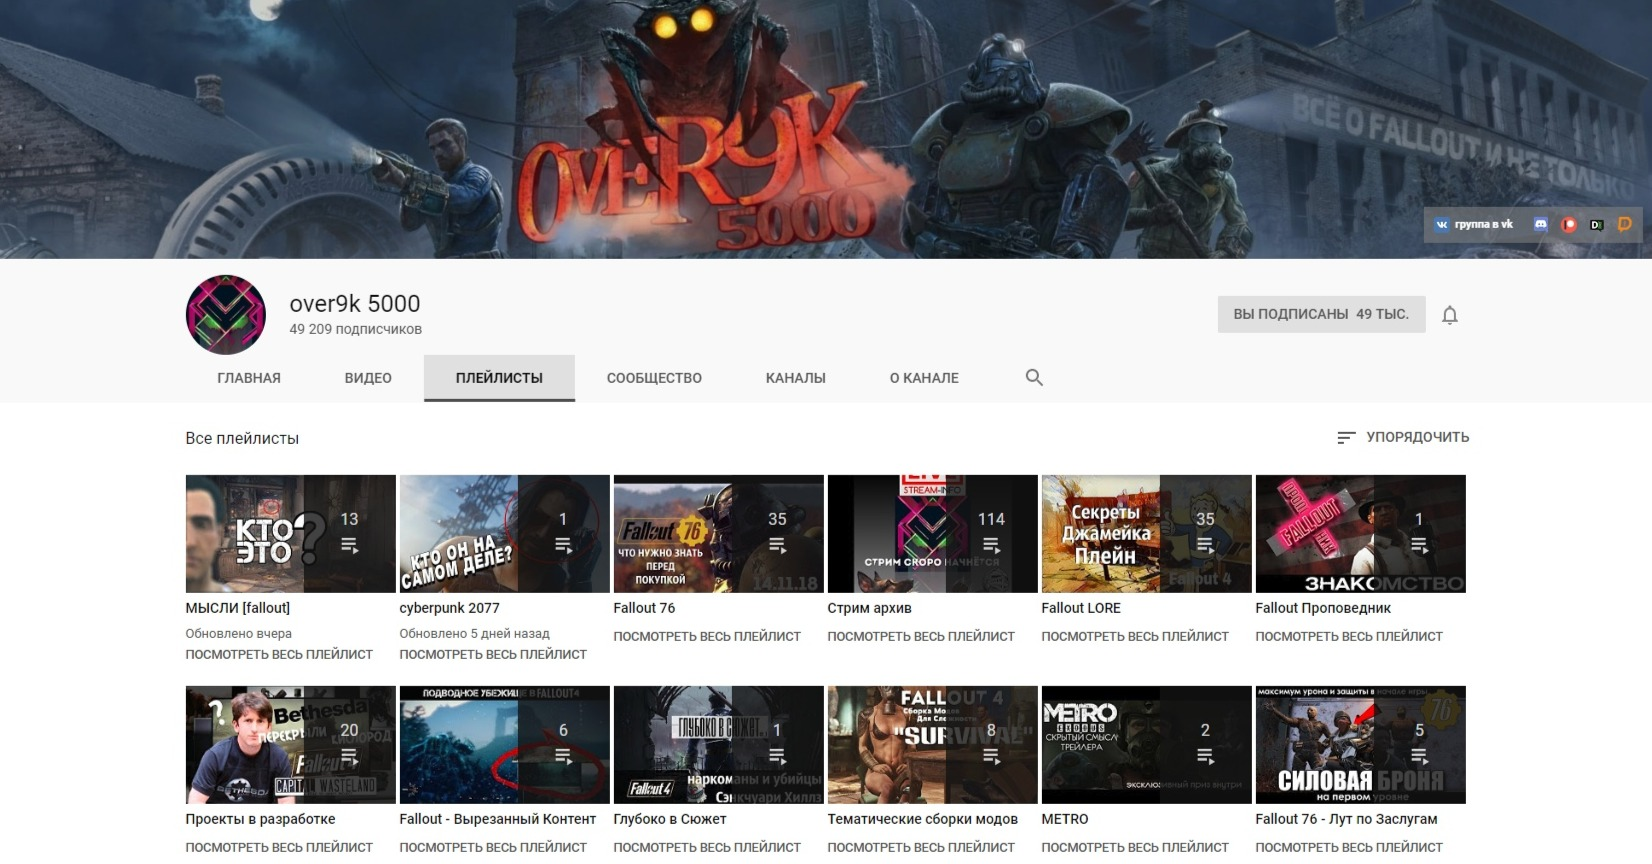 Лучшим каналом на русскоязычном YouTube по миру Fallout по мнению нашего сообщества стал: over9k5000@0ver9k